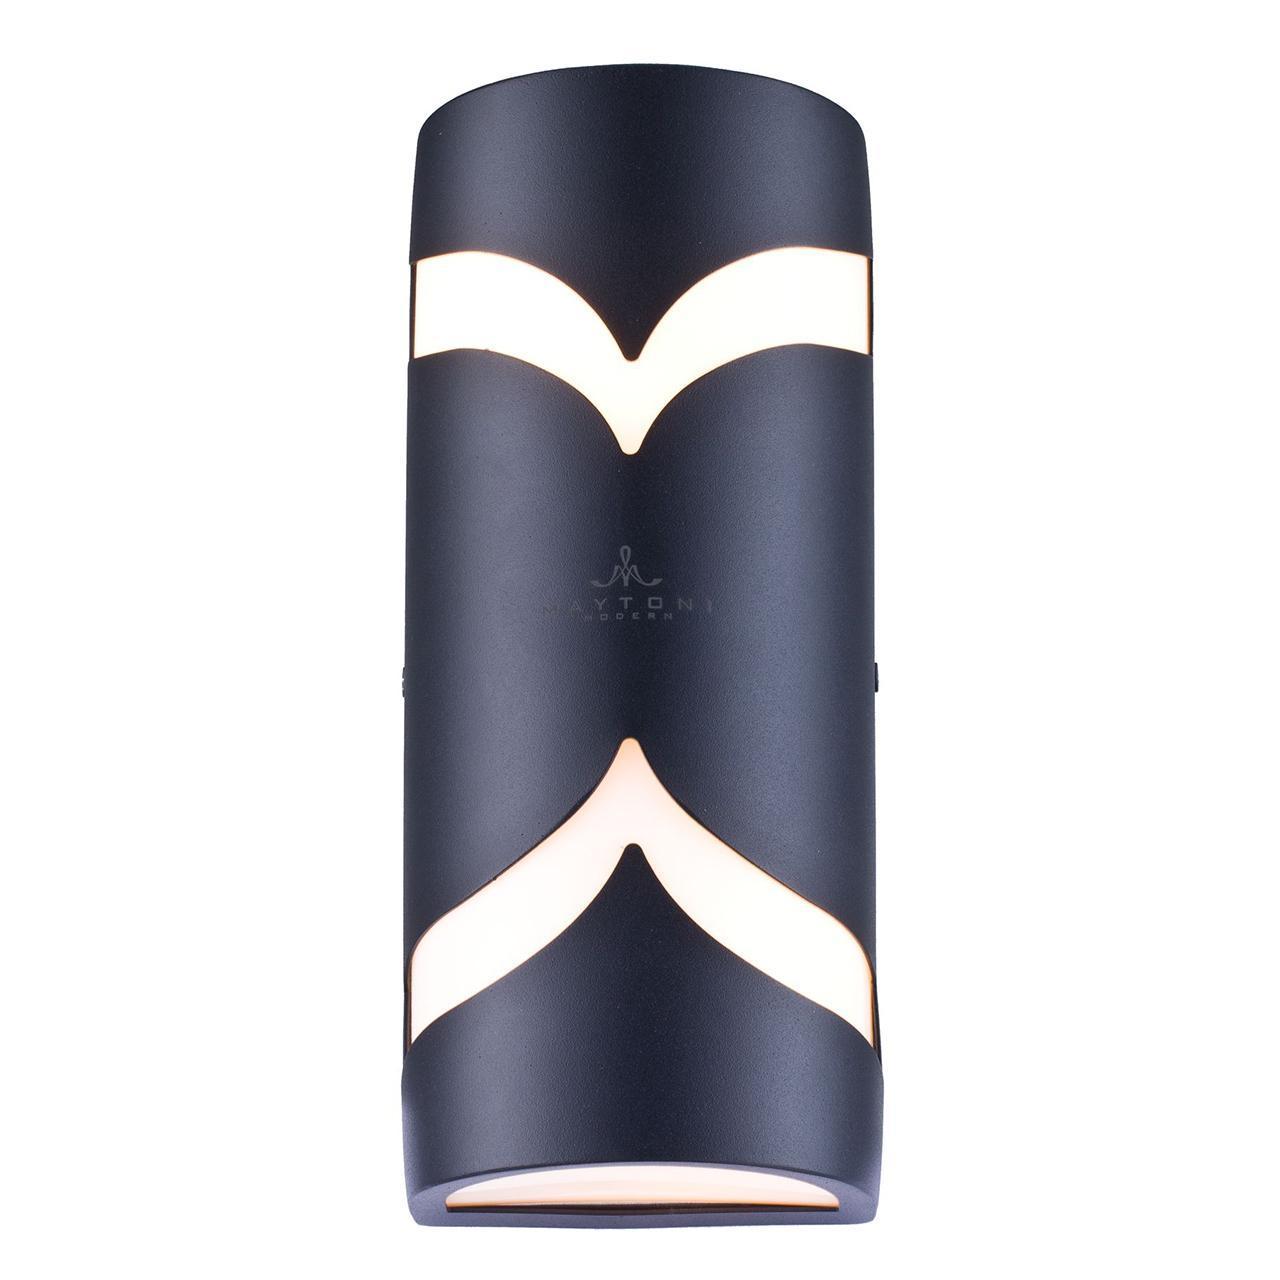 Уличный настенный светильник Maytoni Fifth Avenue S710-25-02-B накладной светильник maytoni fifth avenue s710 25 02 b